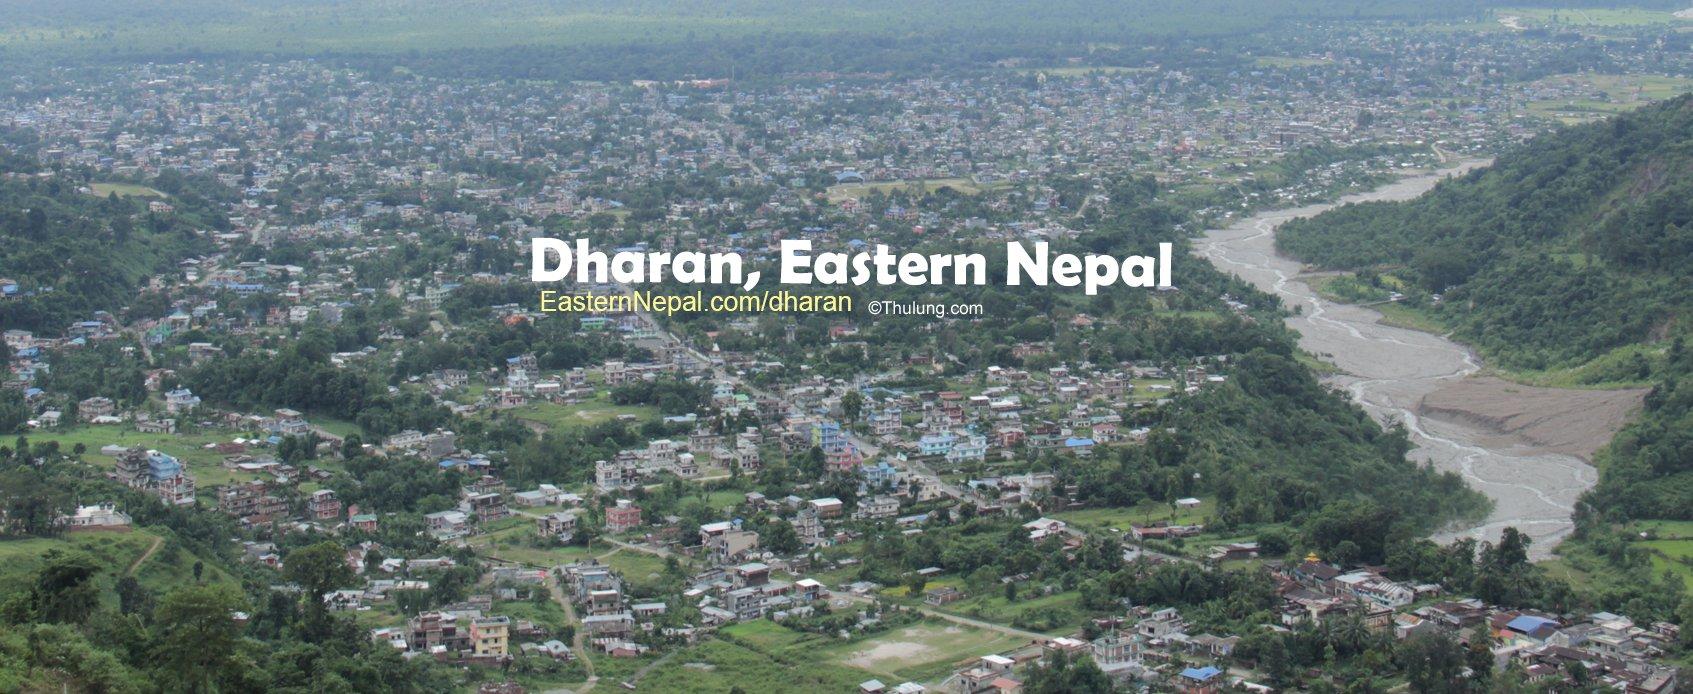 Dharan Eastern Nepal